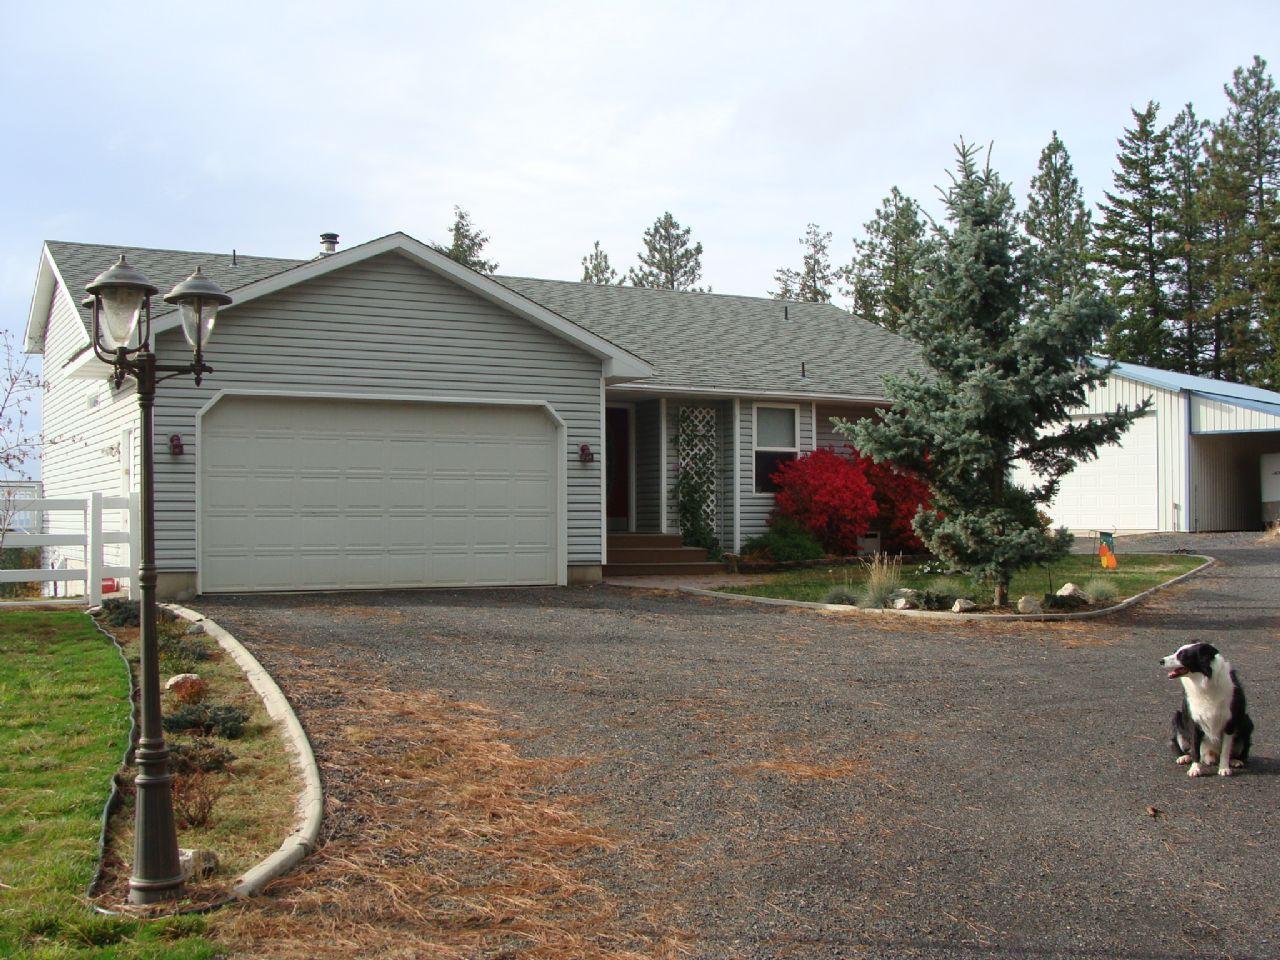 379 for Lawrence custom homes spokane